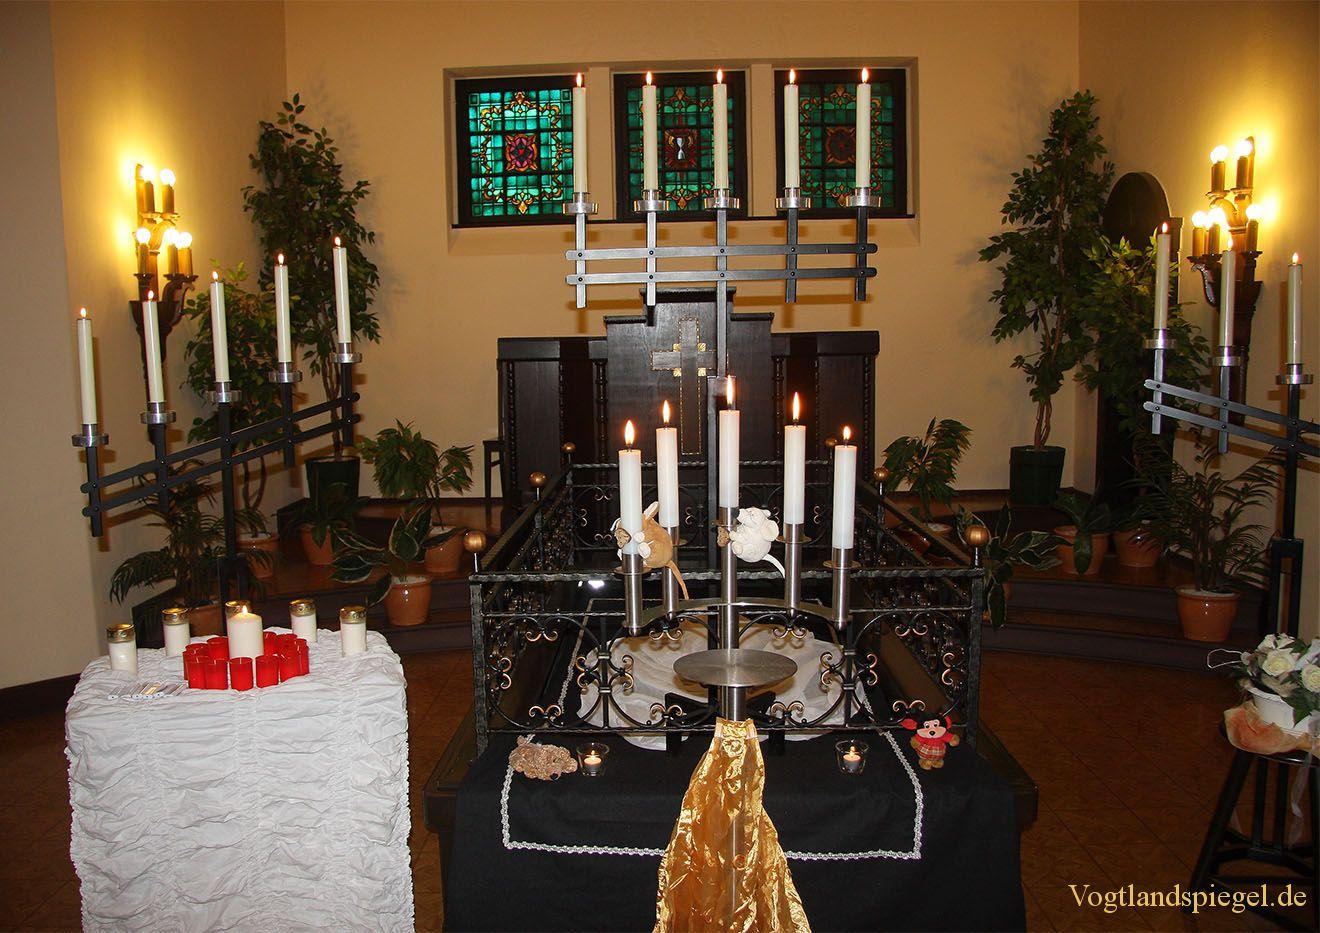 Gedenk-und Trauerfeier für Totgeburten